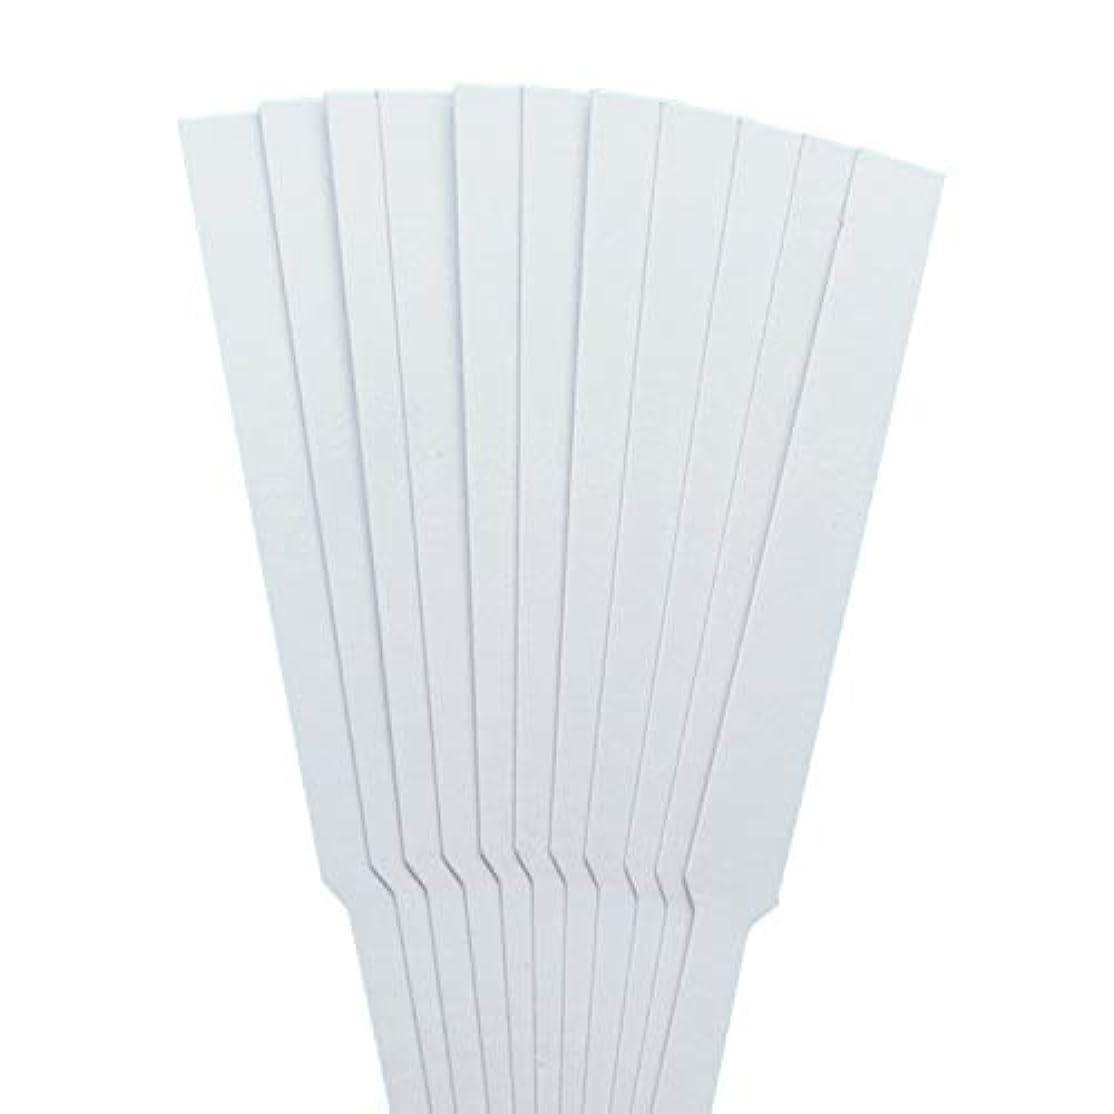 プロフィールセクタ楽しむストリップテスト migavann テストストリップ 香りのアロマセラピーエッセンシャルオイルをテストするための100個の130×12ミリメートルの香水試験紙ストリップ